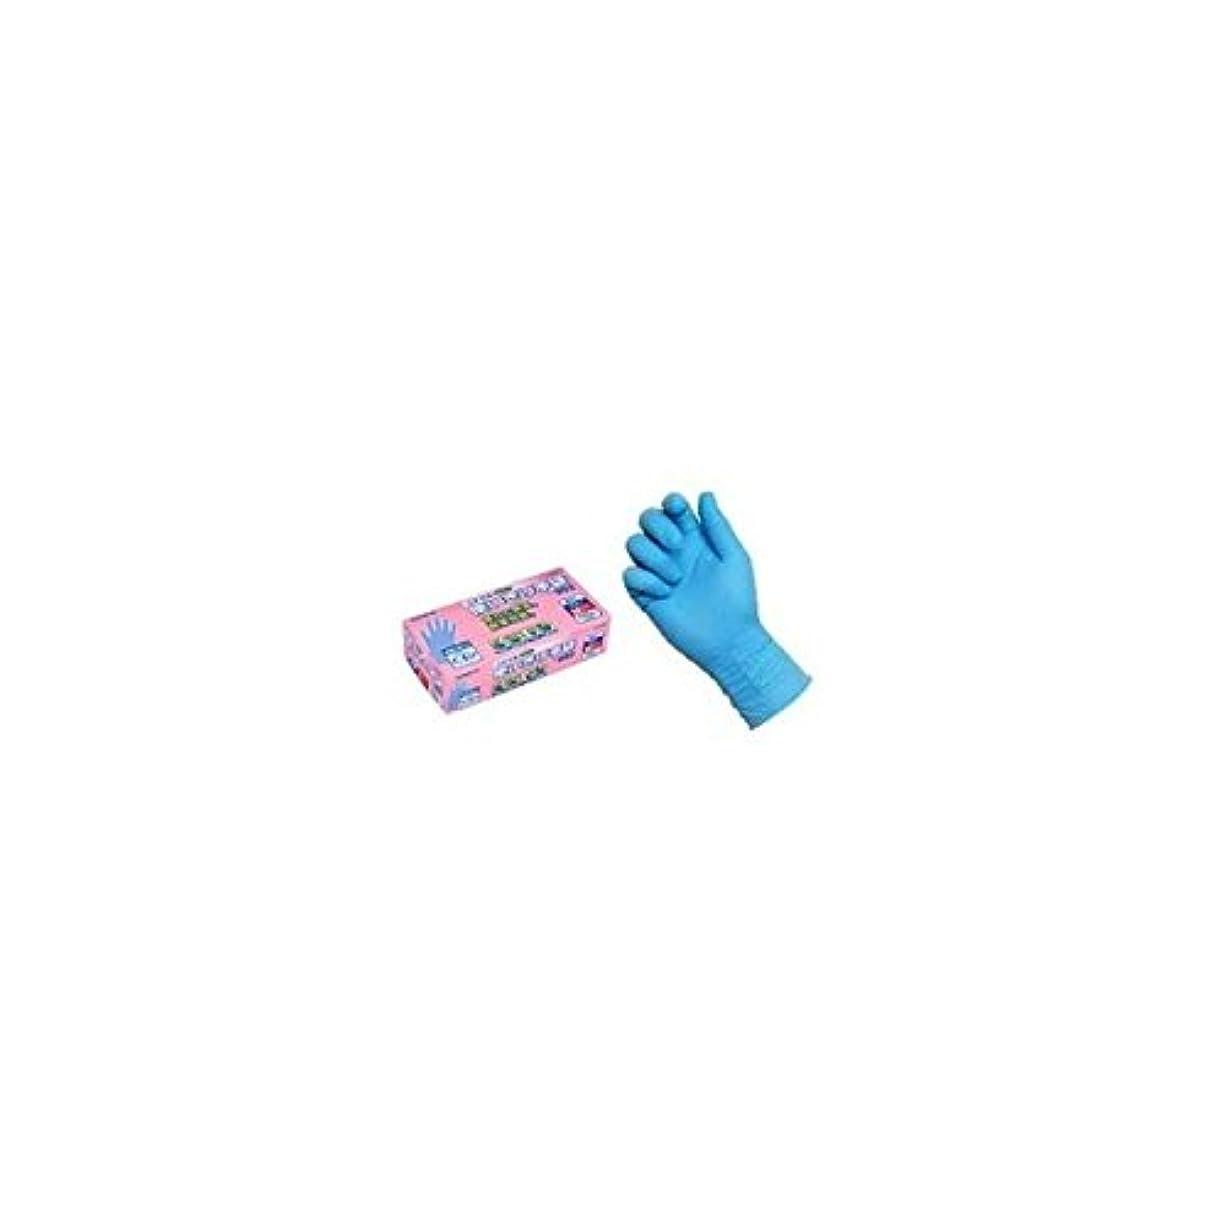 マガジンレイア面白いニトリル使いきり手袋 PF NO.992 M ブルー エステー 【商品CD】ST4779